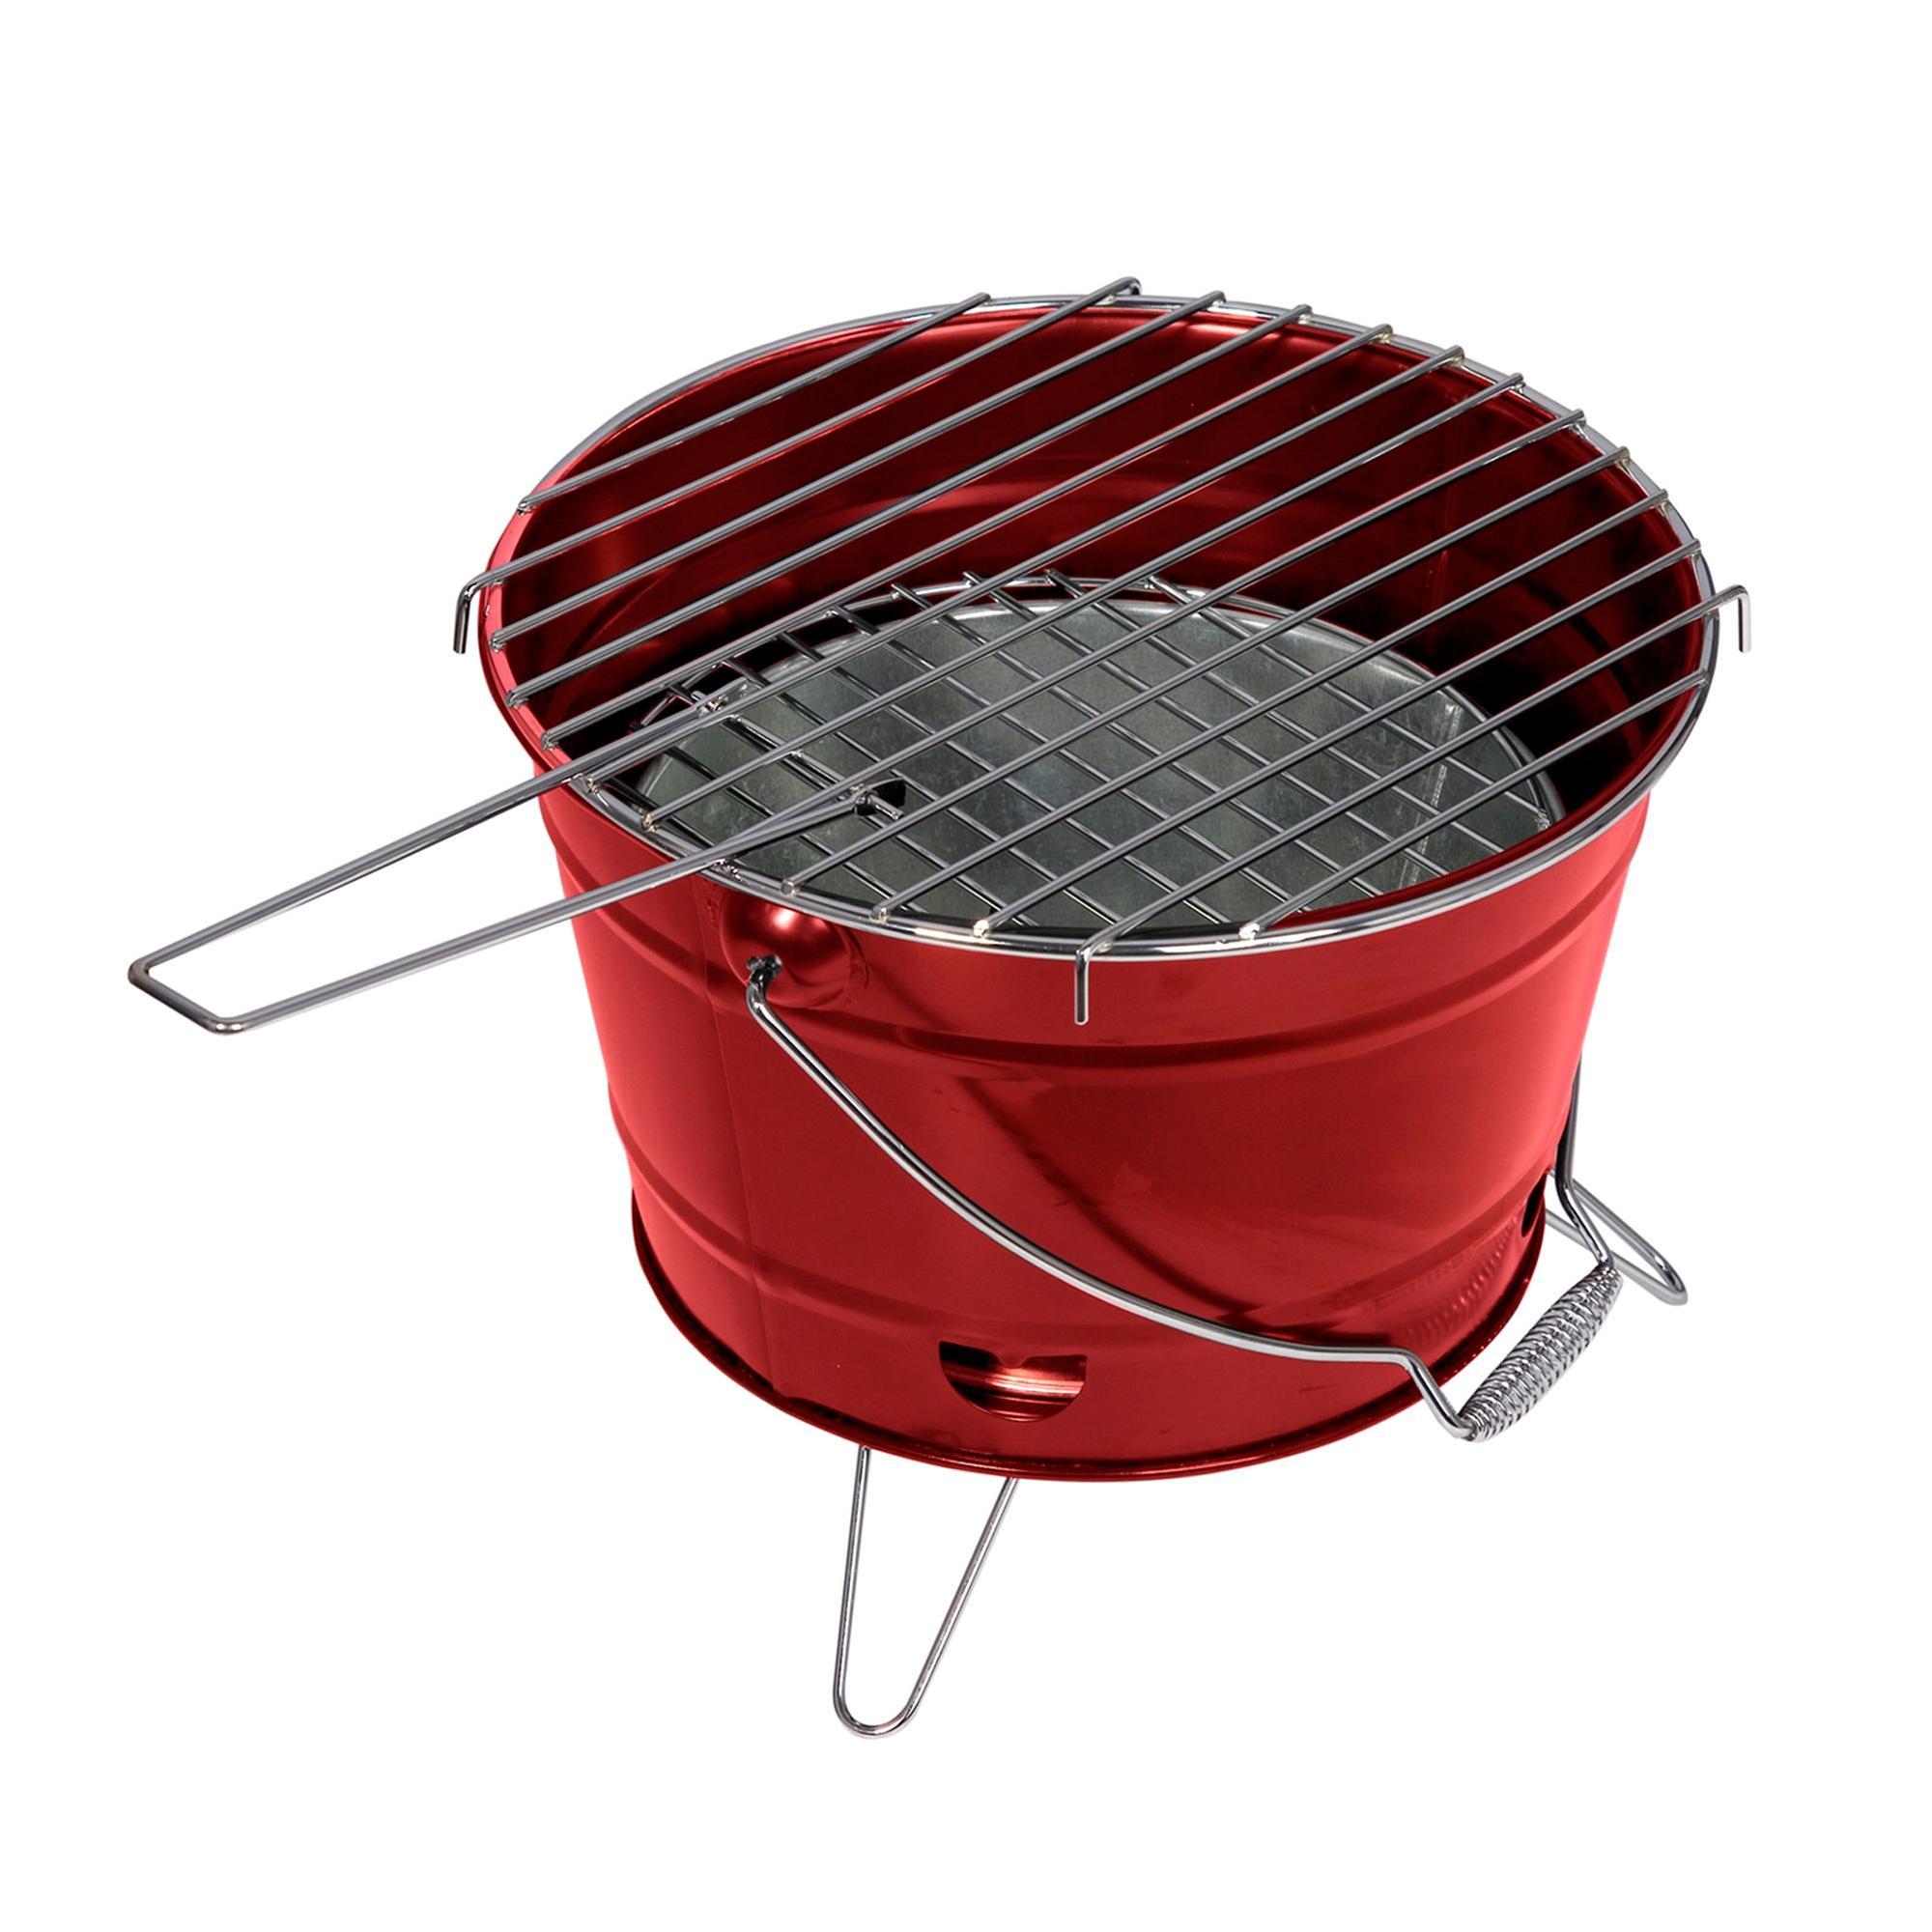 ferraboli barbecue a carbone smile Ø27x22h cm pratico e maneggevole realizzato in lamiera verniciata colore, rosso